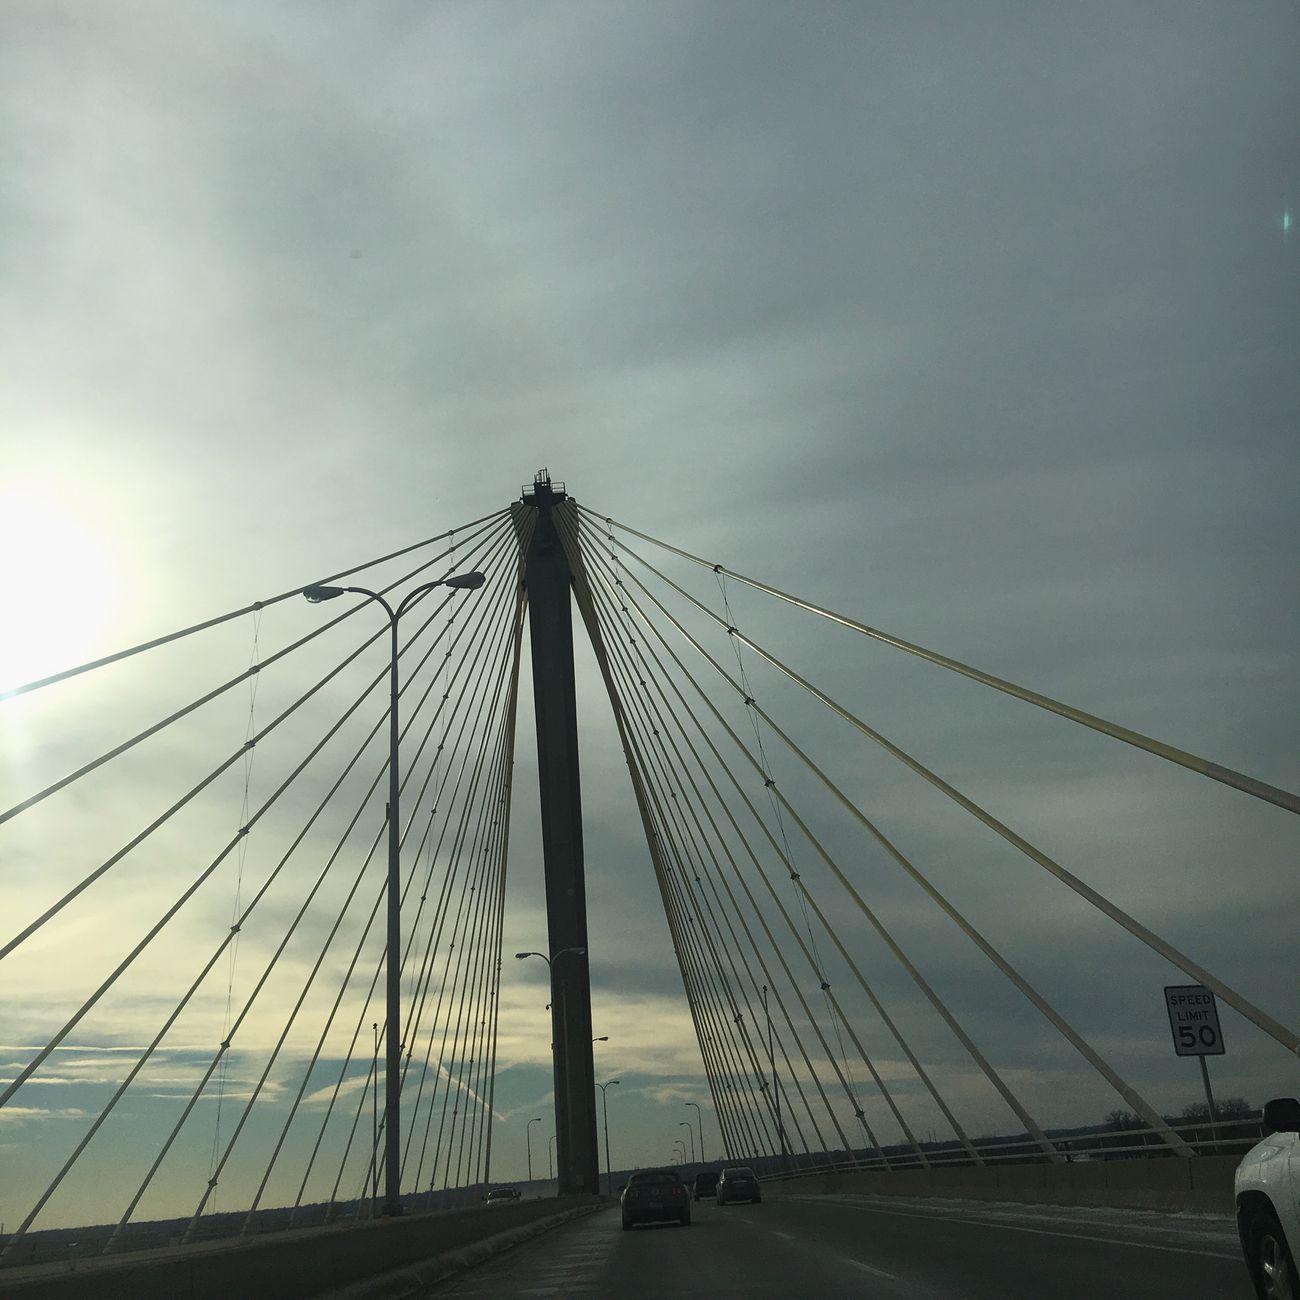 Suspension Bridge Bridge - Man Made Structure